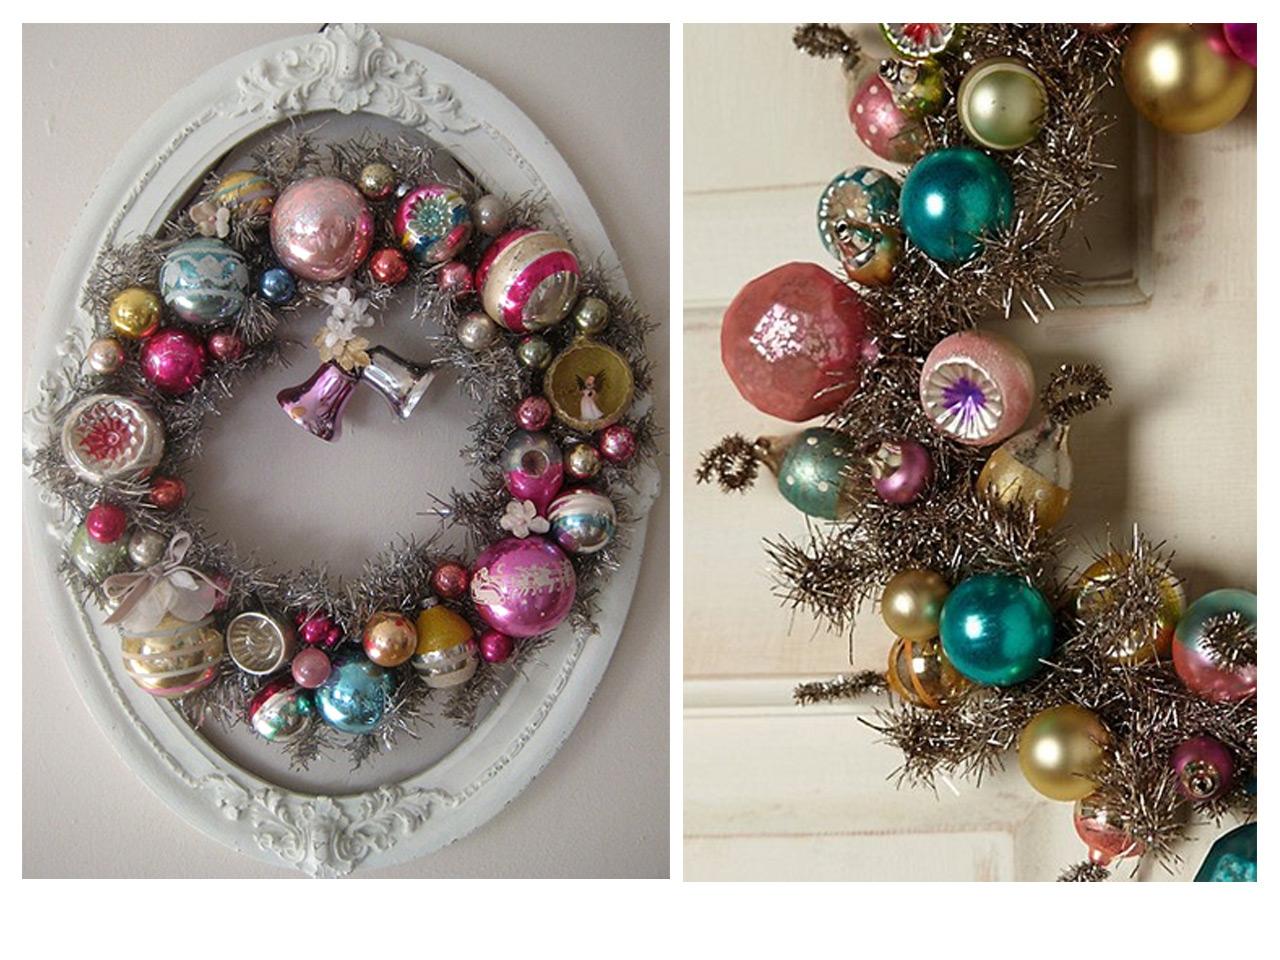 corona de navidad con marco vista en flickr y detalle de corona con bolas vista en